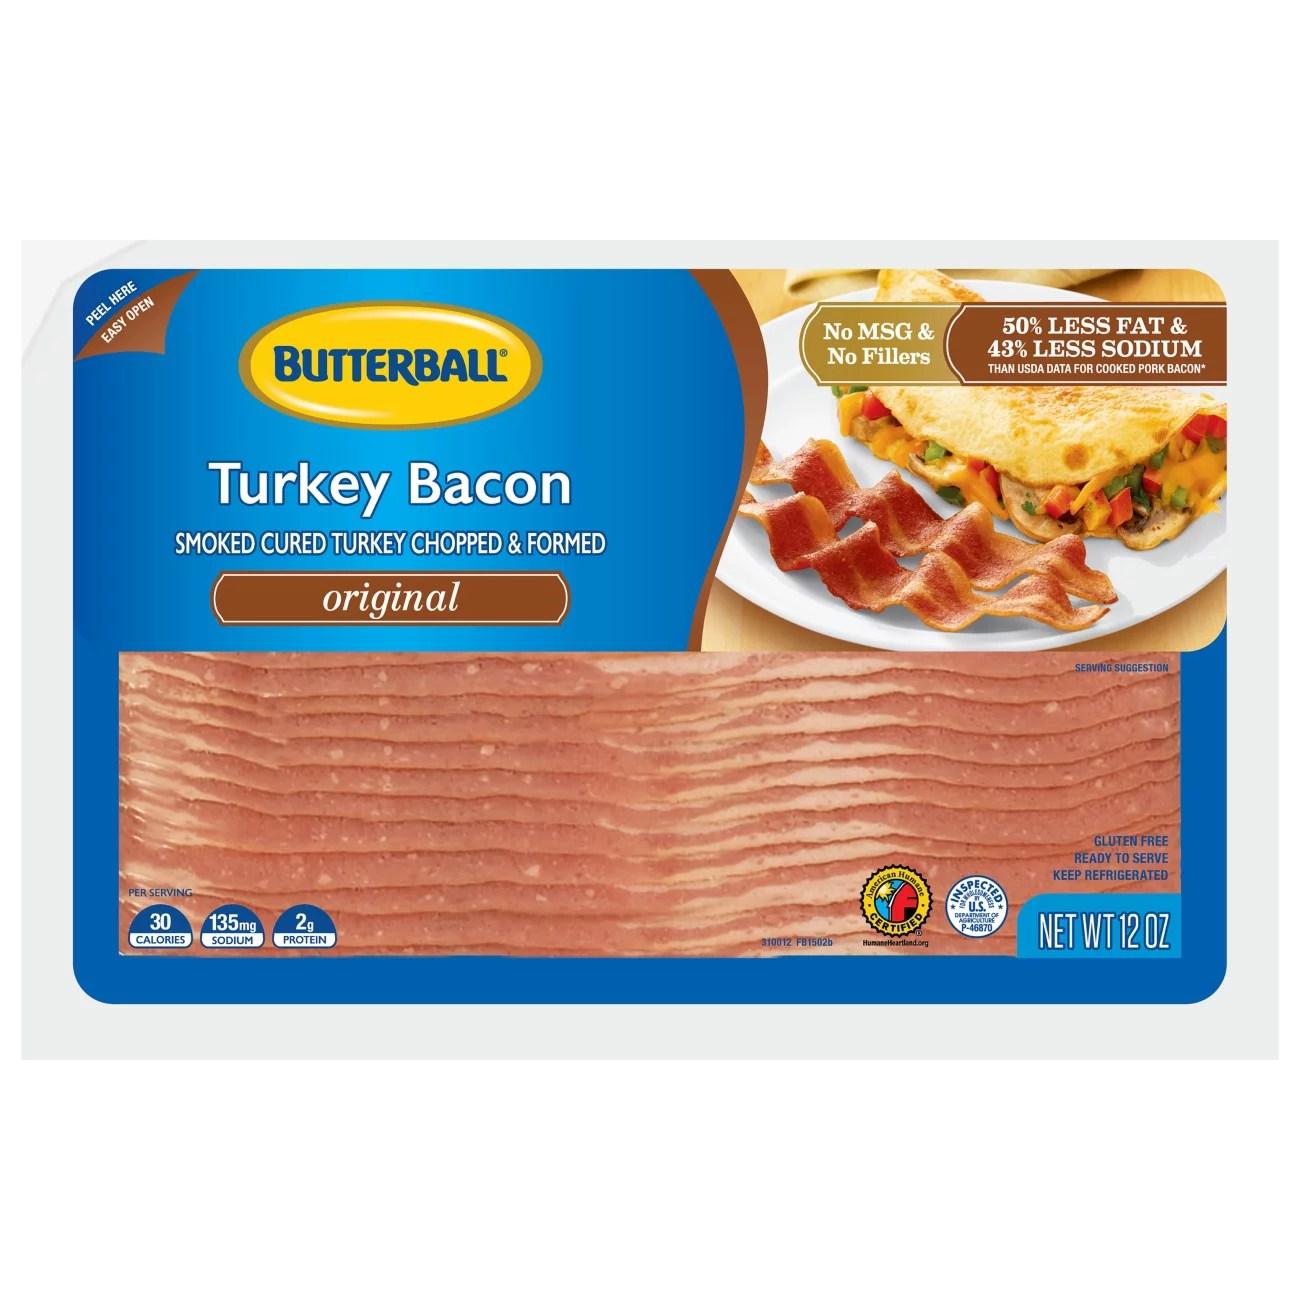 Butterball Original Turkey Bacon - Shop Bacon at H-E-B